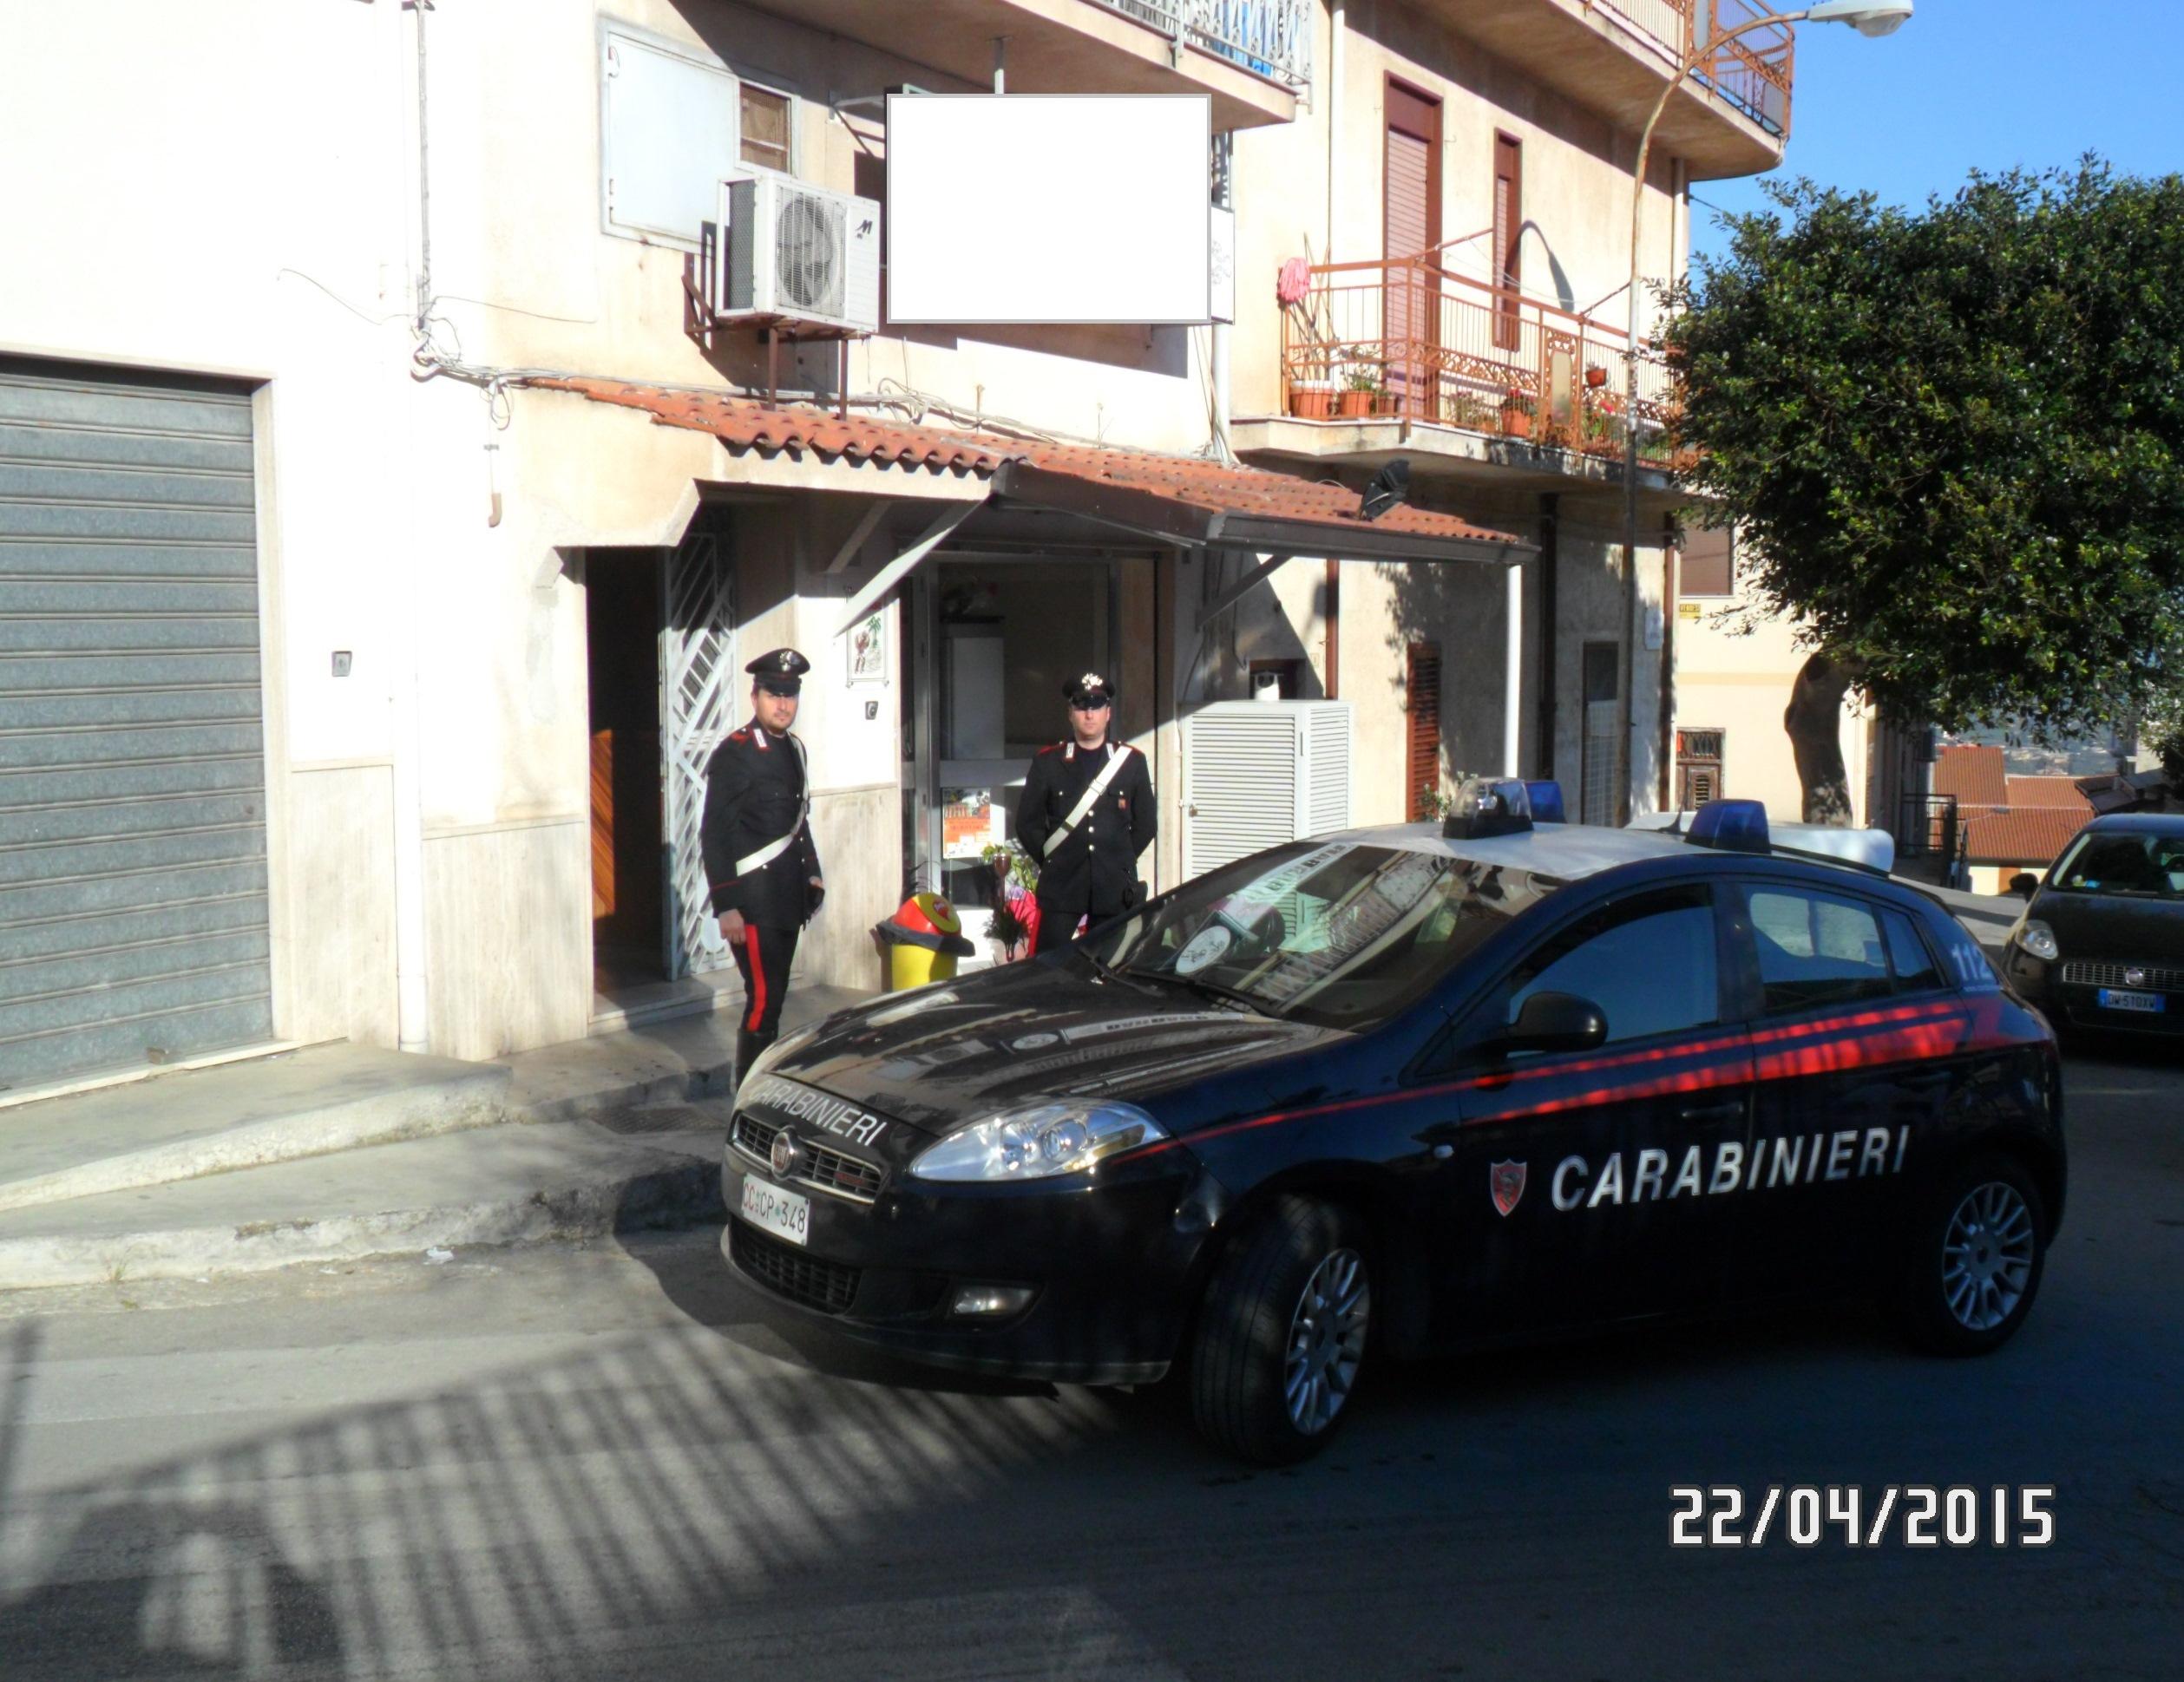 carabinieri borgetto centro accoglienza